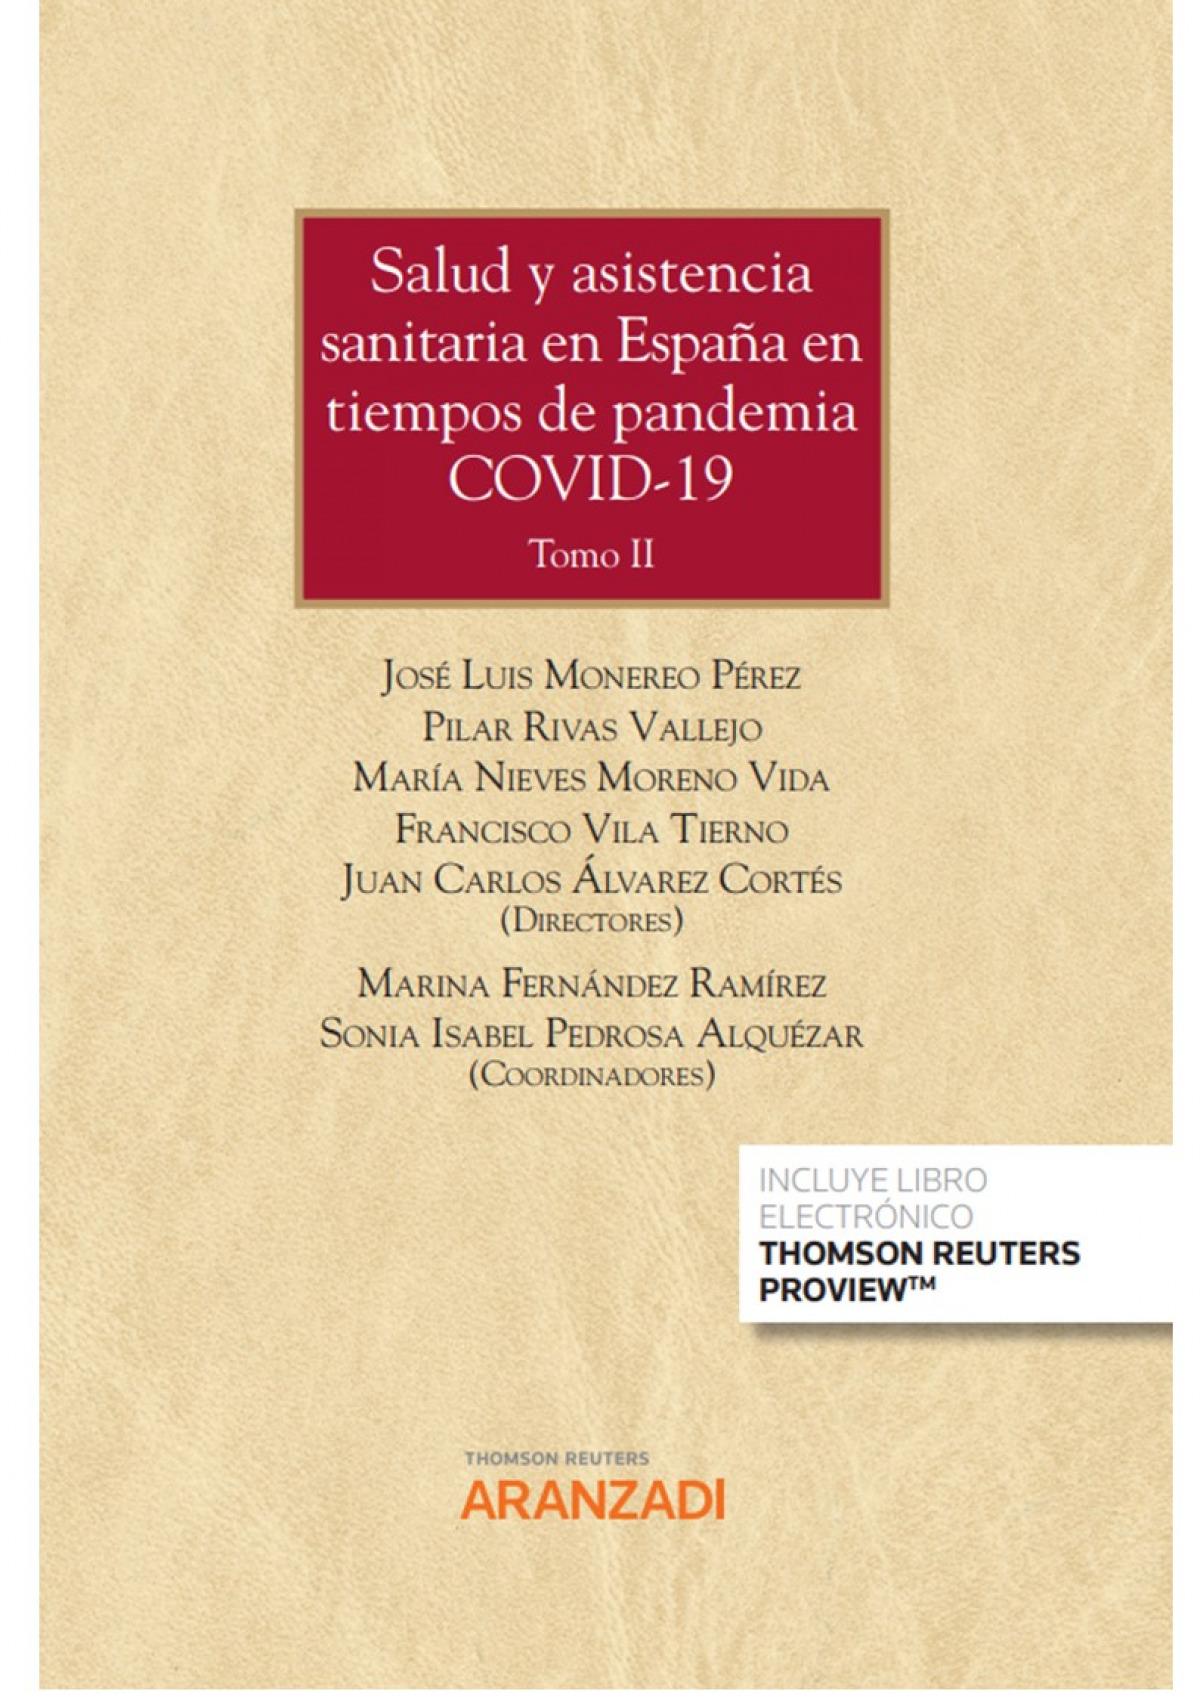 Salud y asistencia sanitaria en España en tiempos de pandemia covid-19 tomo I y